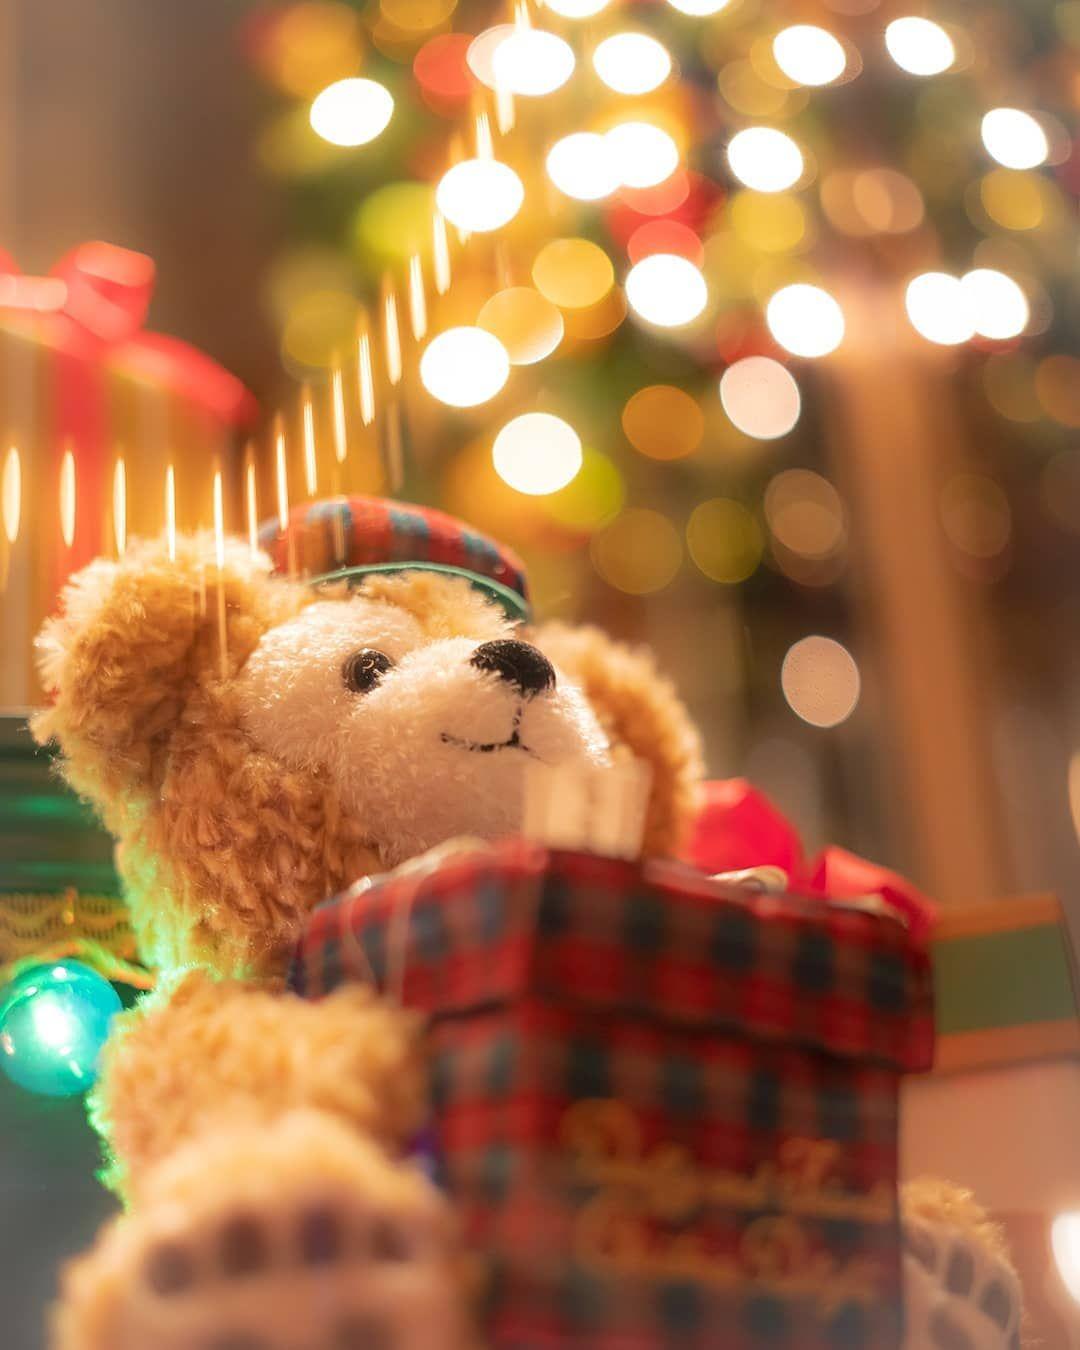 ひでろうさんはinstagramを利用しています Disney Christmas